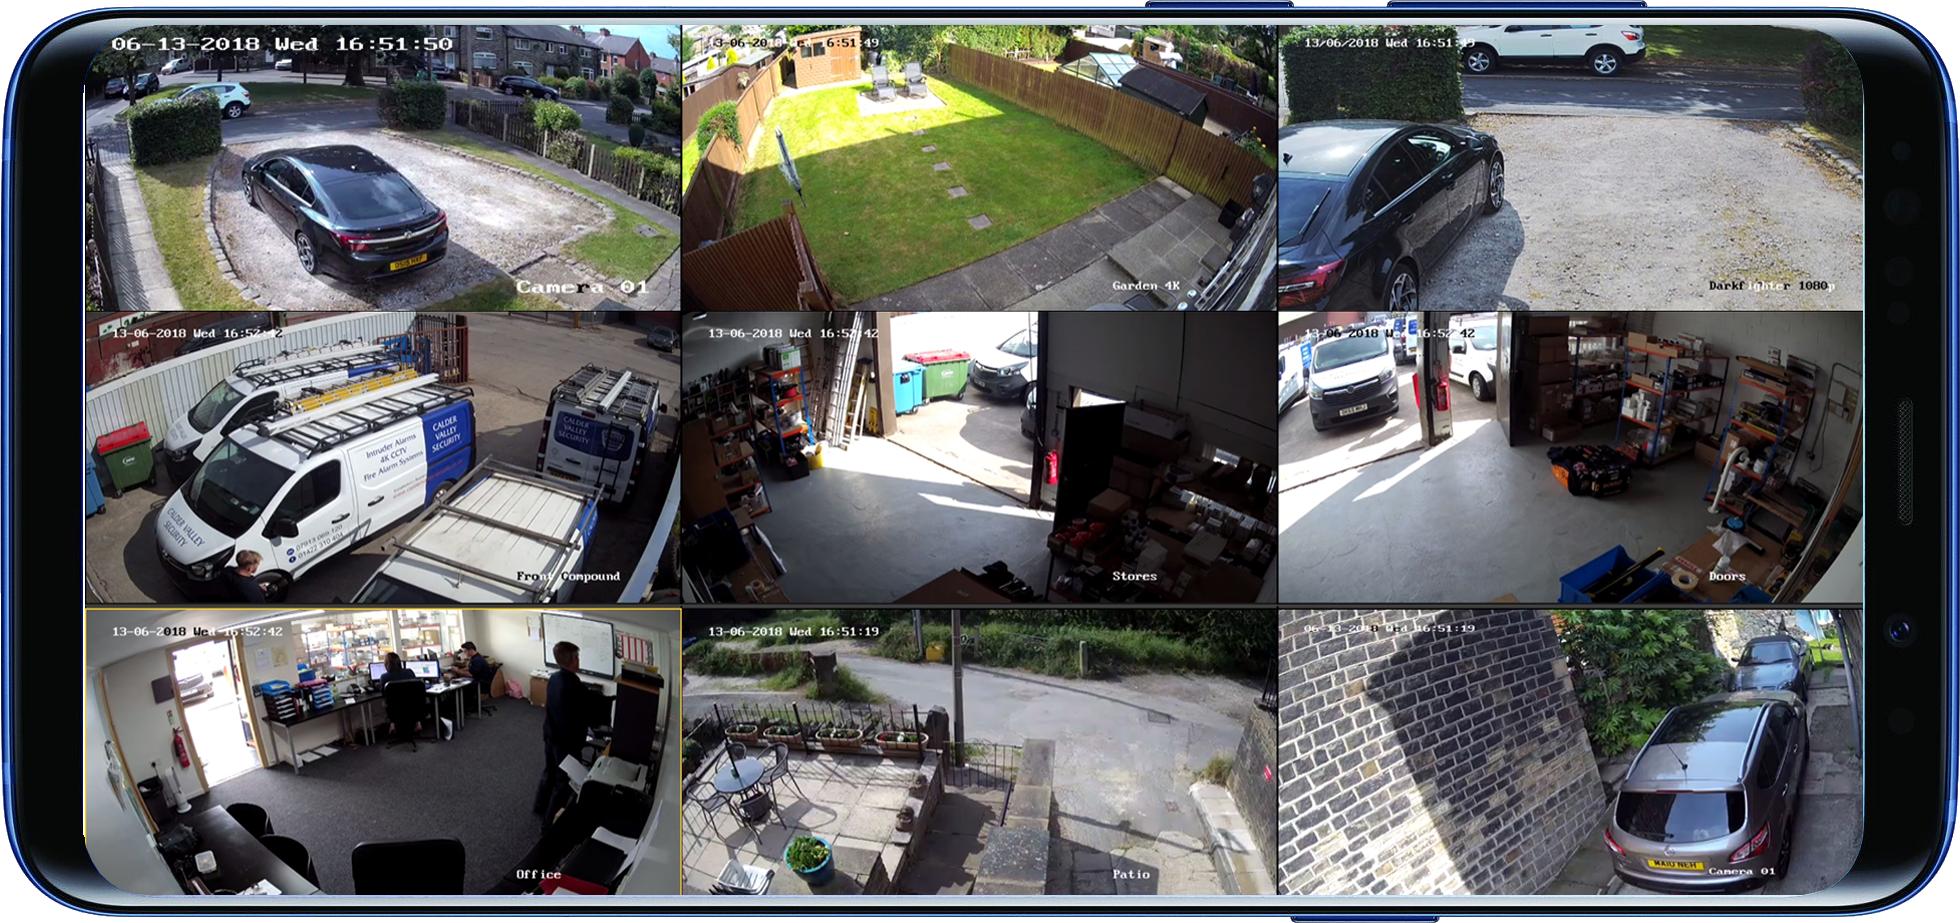 Hik Vision CCTV App